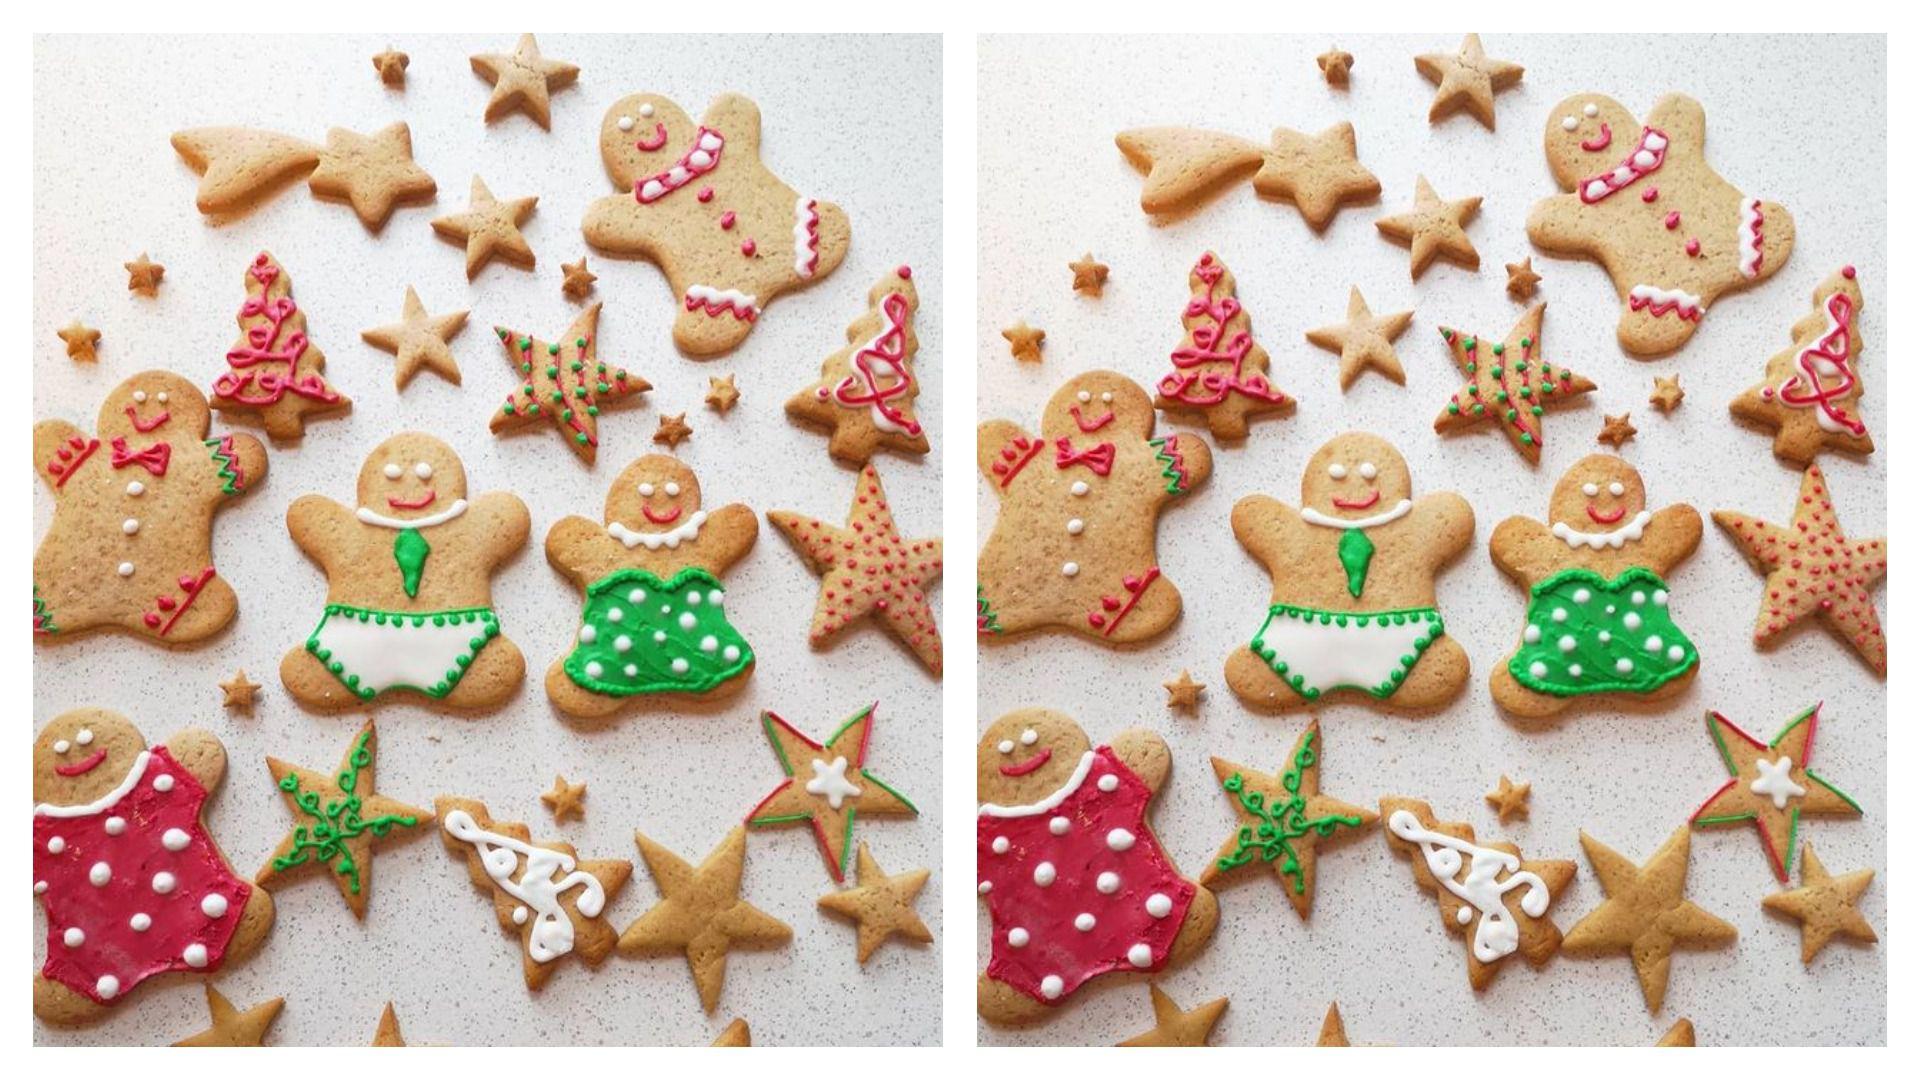 Uživajte u gingerbread keksima, omiljenoj božićnoj poslastici: Isprobajte jednostavan recept popularne pastry chefice